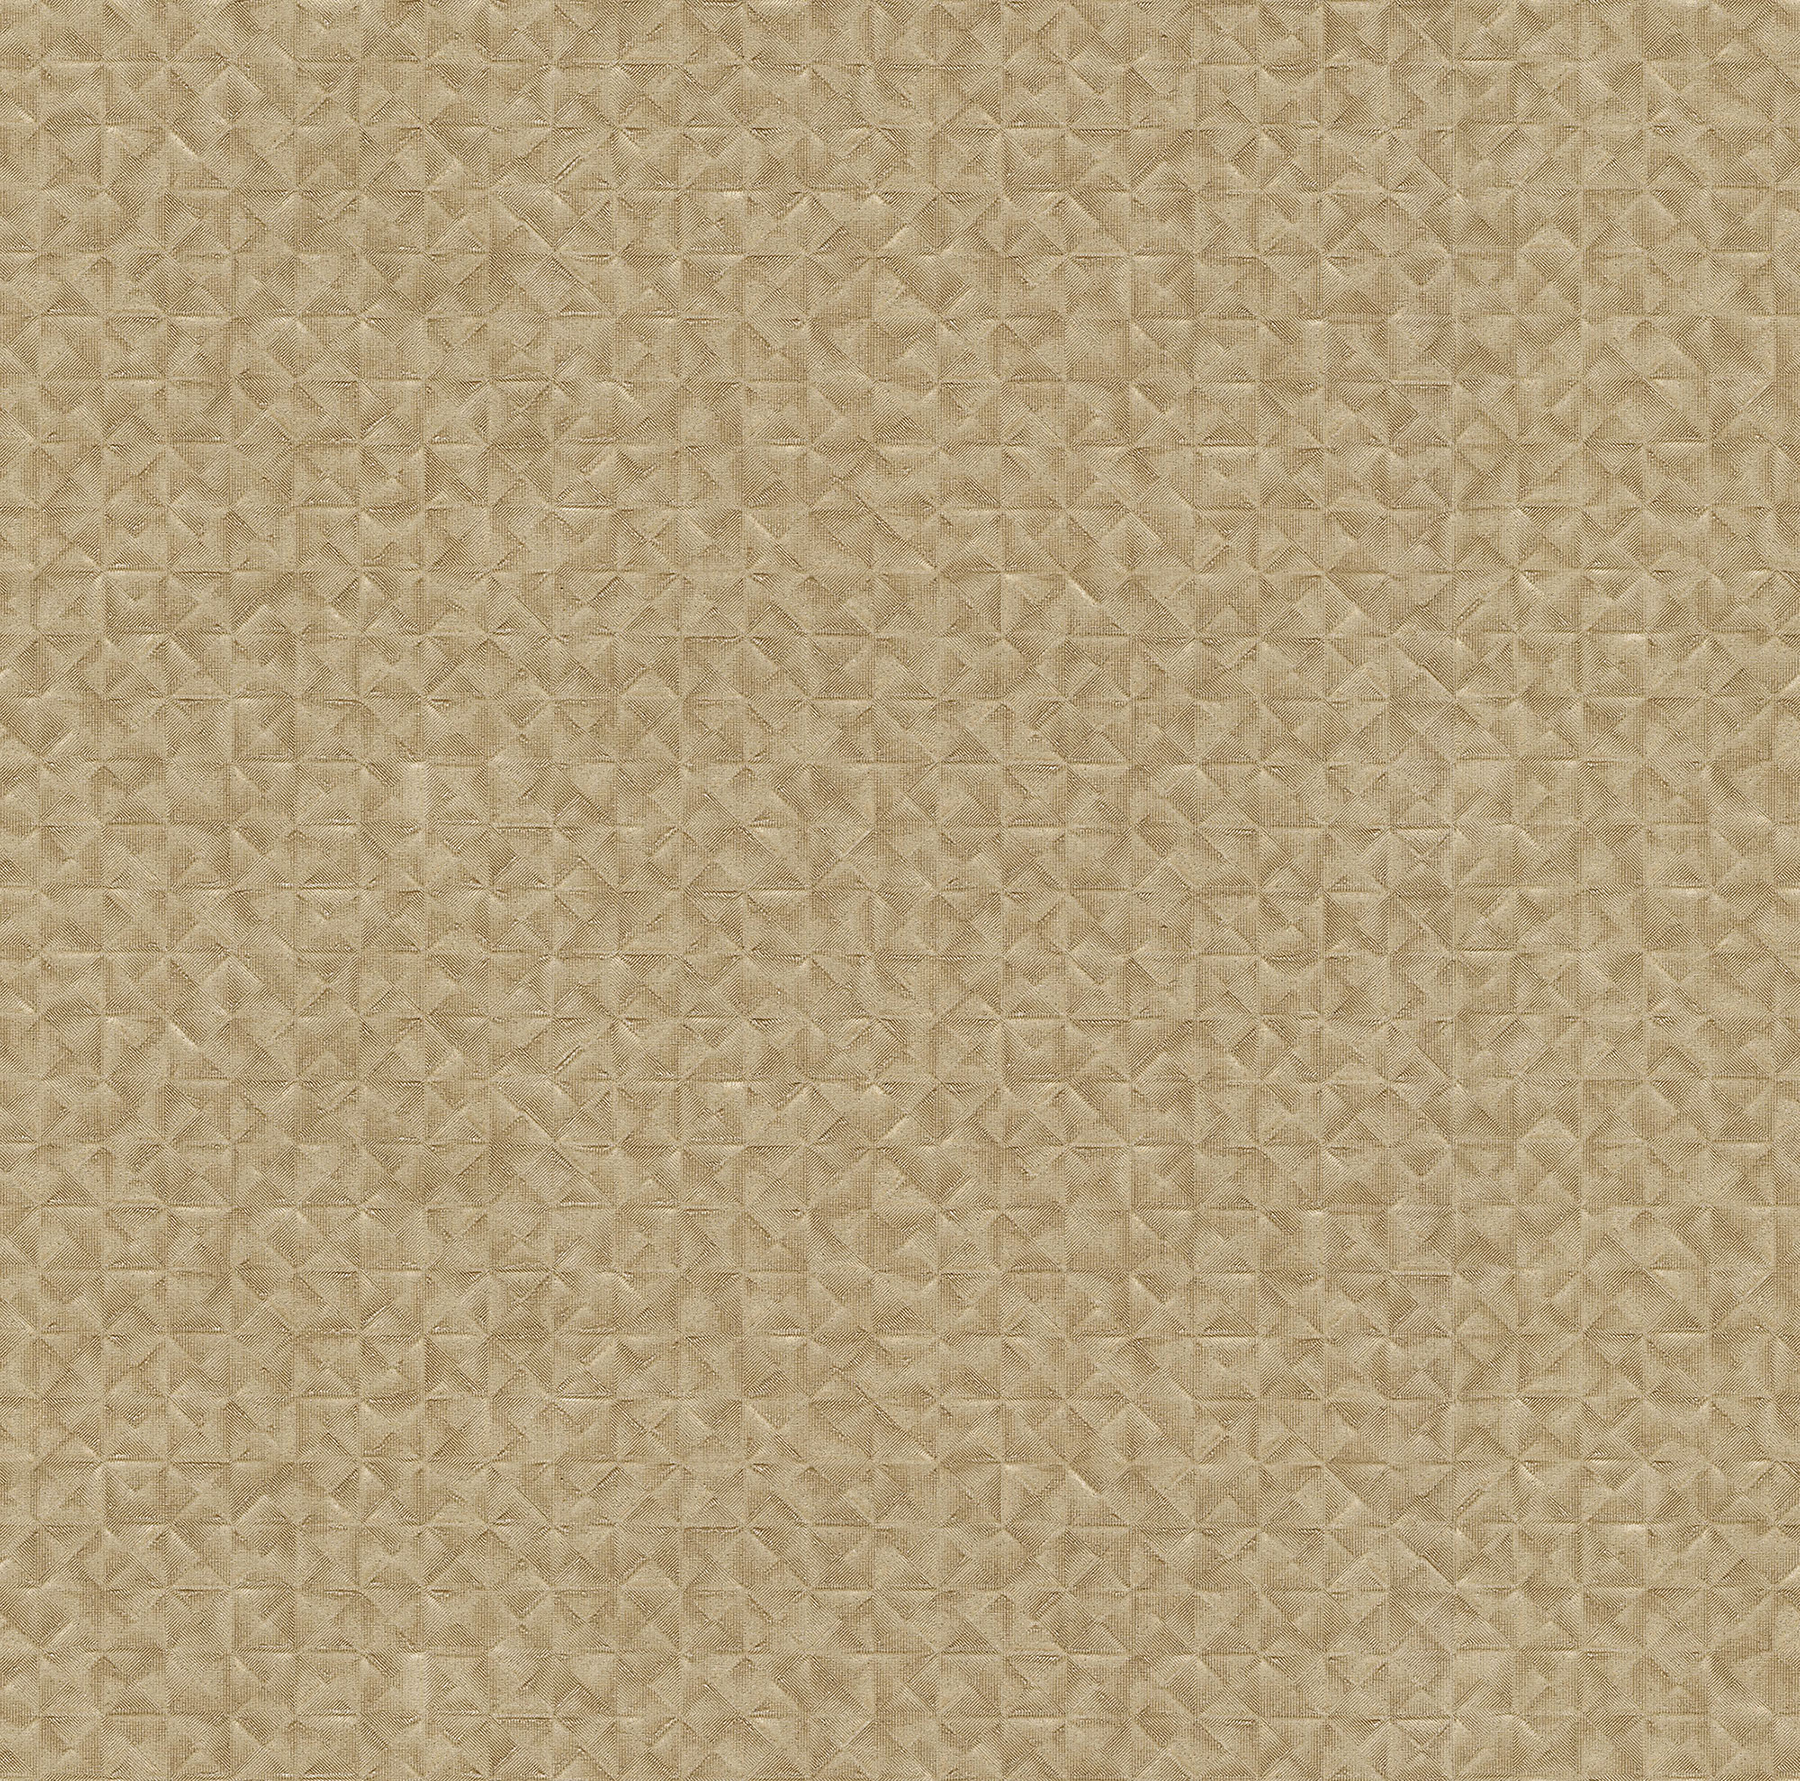 Picture of Belmond Champagne Glitter Prism Wallpaper